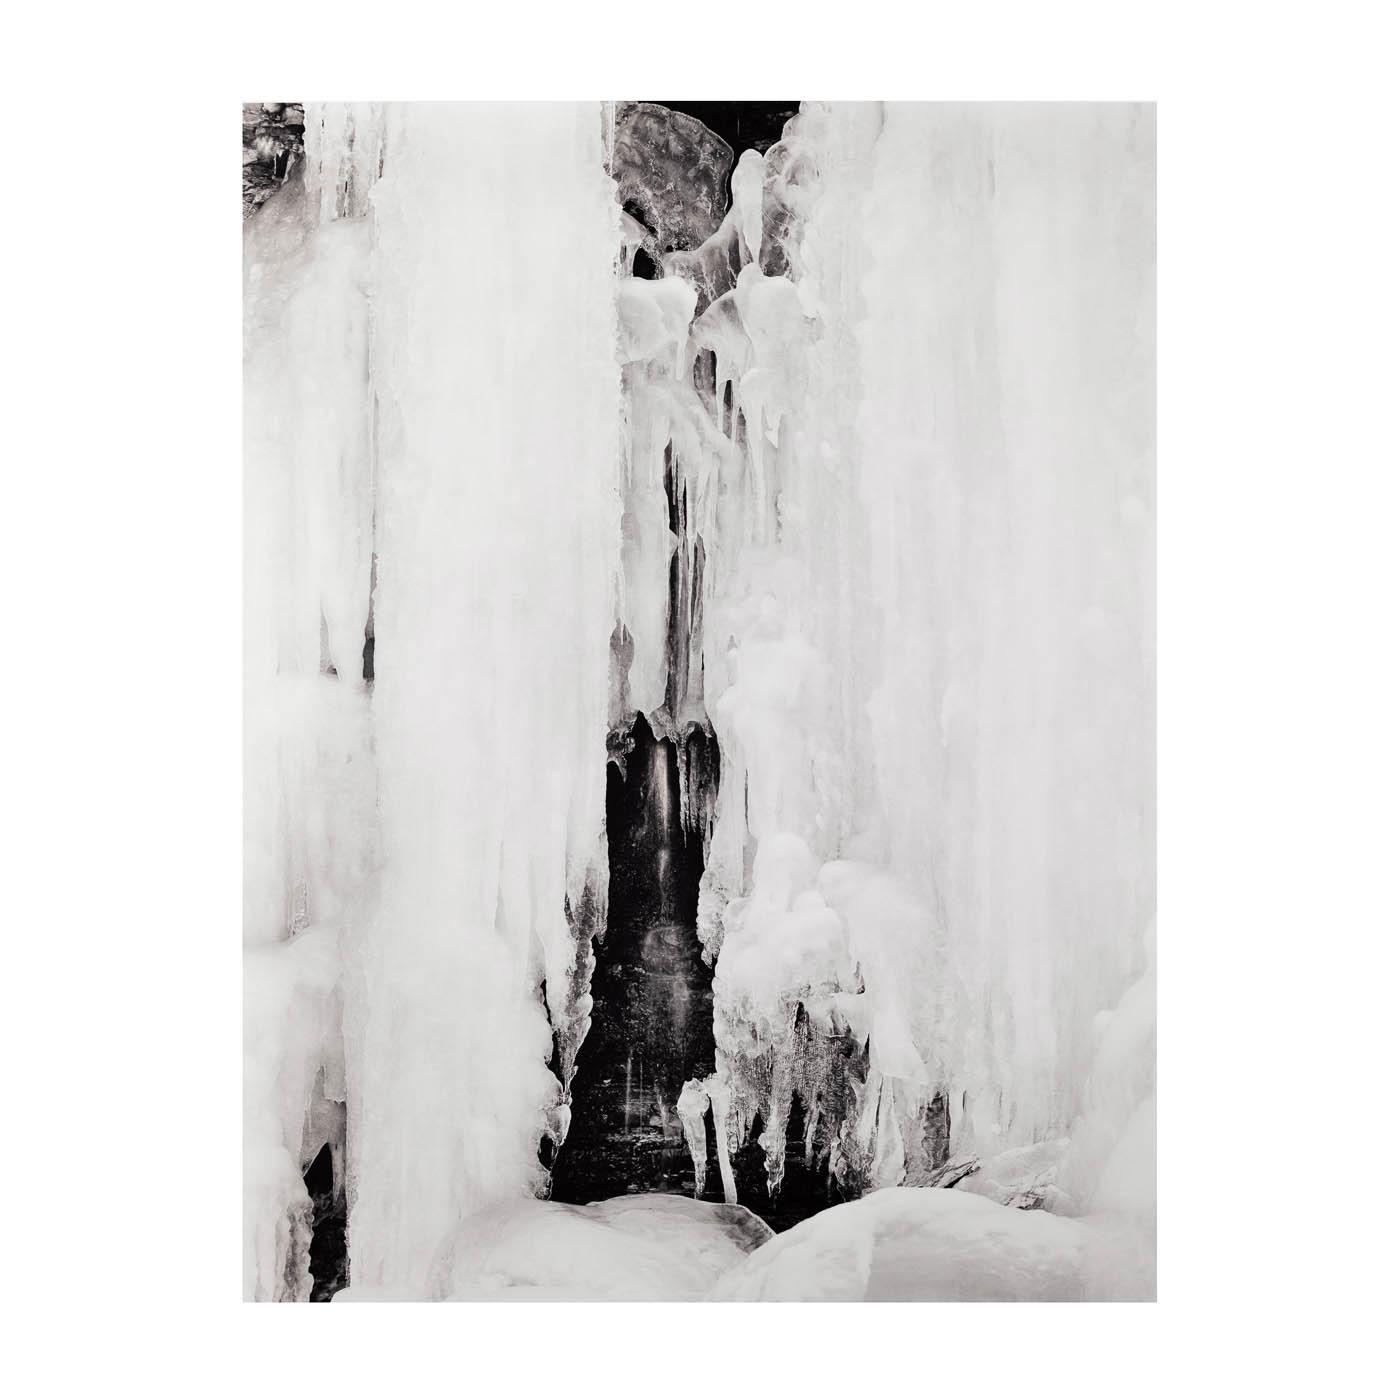 Wequiock Falls frozen in Green Bay Wisconsin